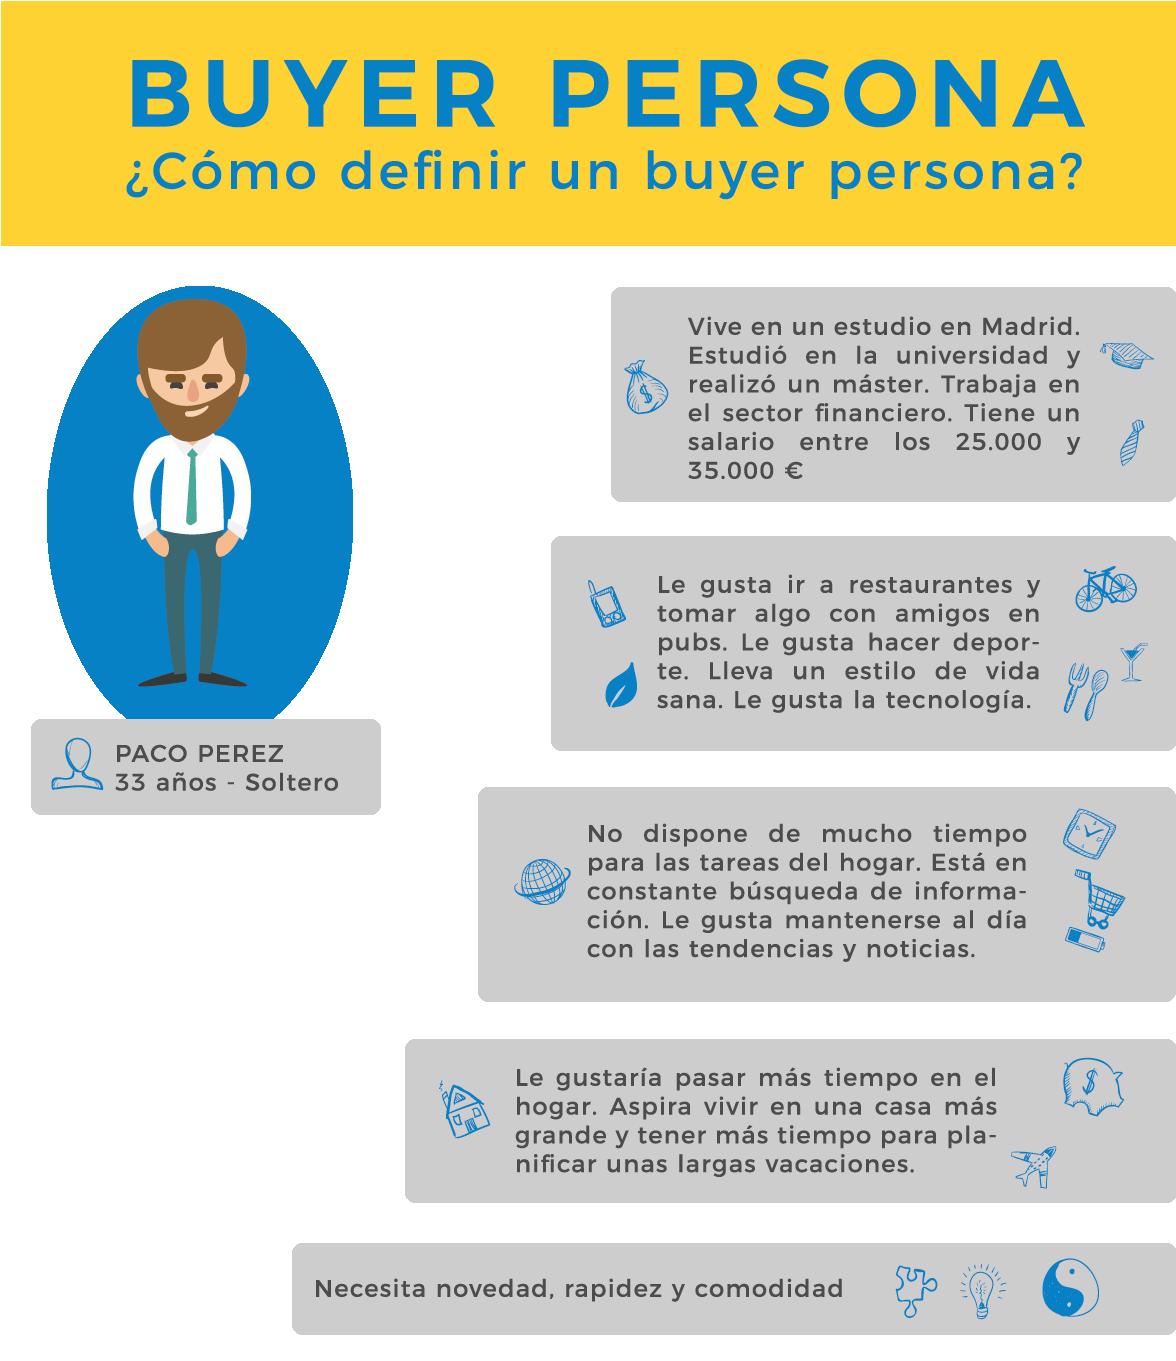 buyer persona ¿como definir a un buyer persona?